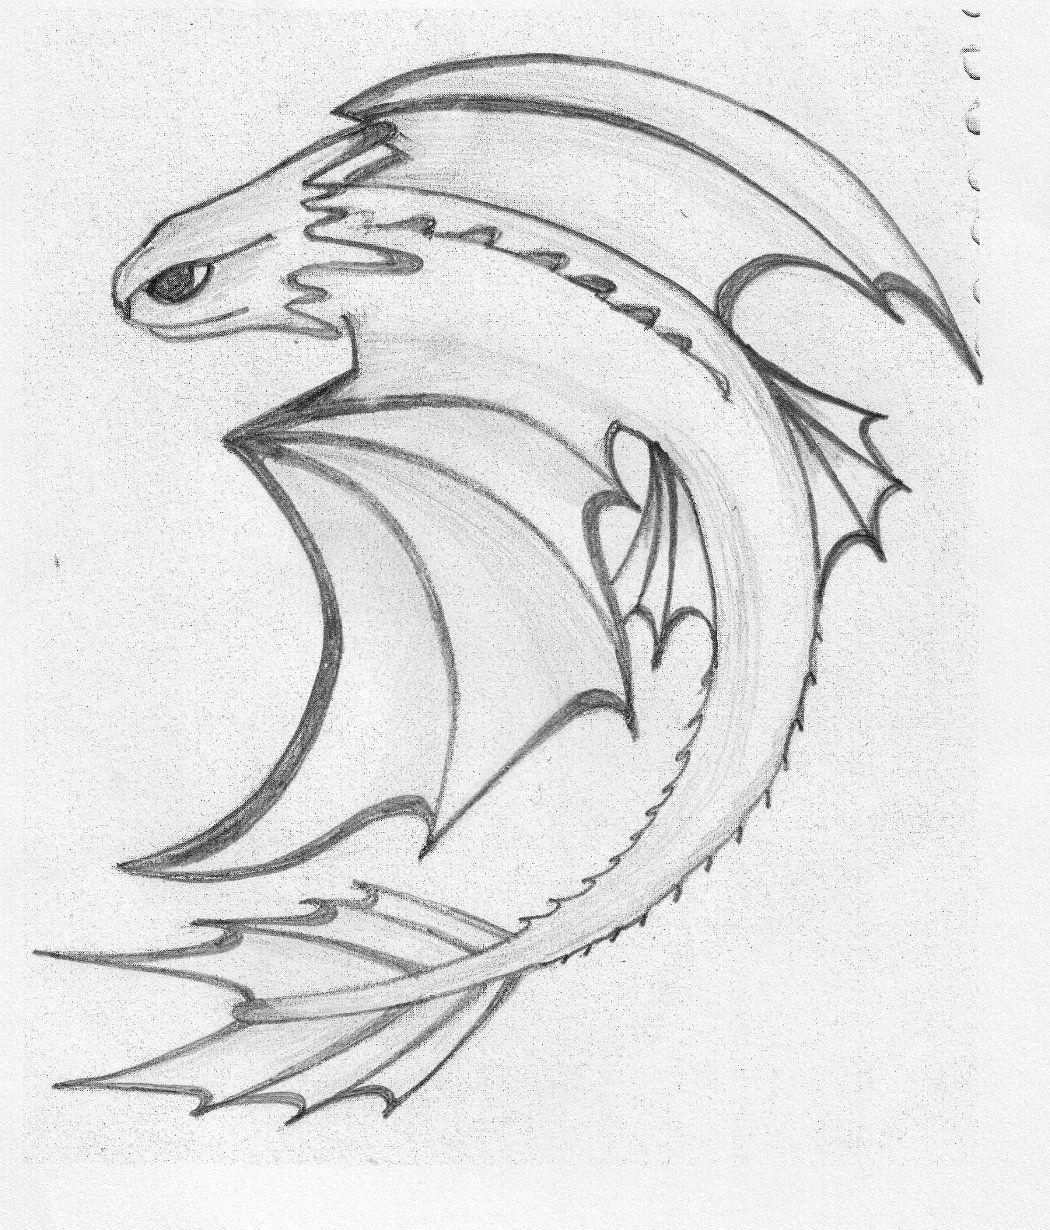 Night Fury Tattoo By Naresh Shorey Deviantart Com On Deviantart Dragon Tattoo Drawing Night Fury Dragon Night Fury